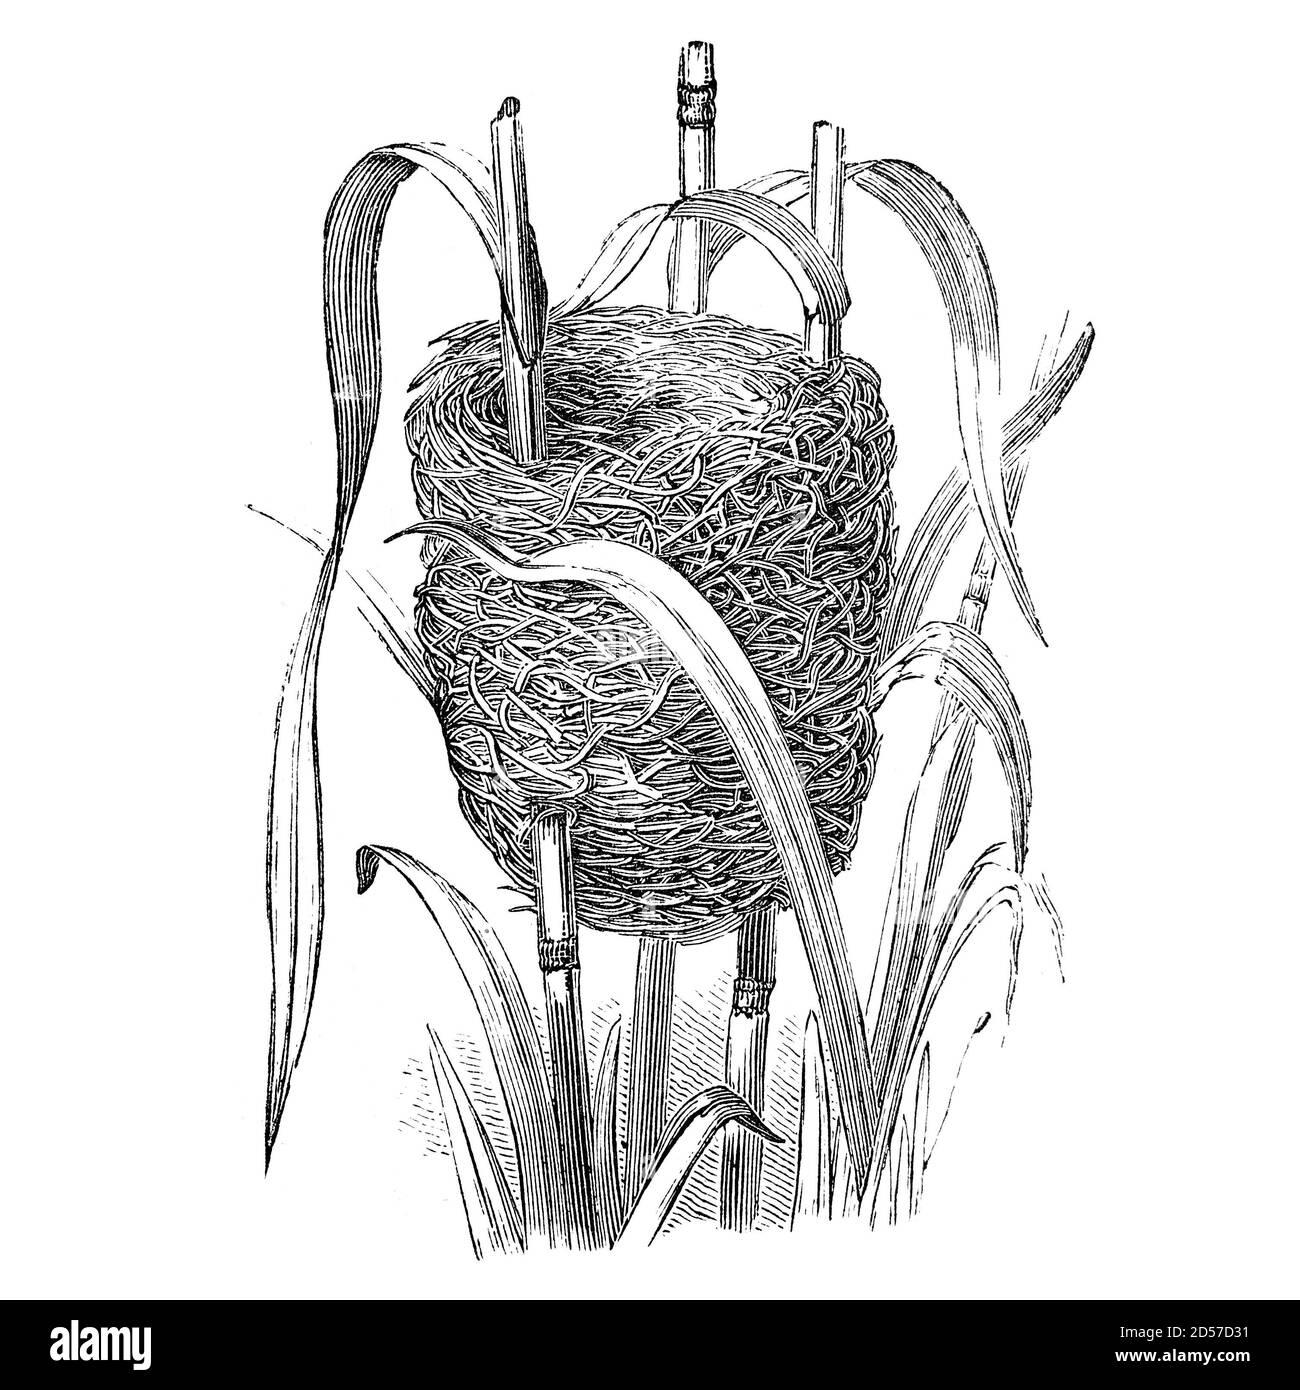 """Nido di uccello mungente di canna, illustrazione vintage. Tratto dall'antico libro """"The Playtime Naturalist"""" del Dr. J.E. Taylor, pubblicato a Londra nel Regno Unito, 1889. Foto Stock"""